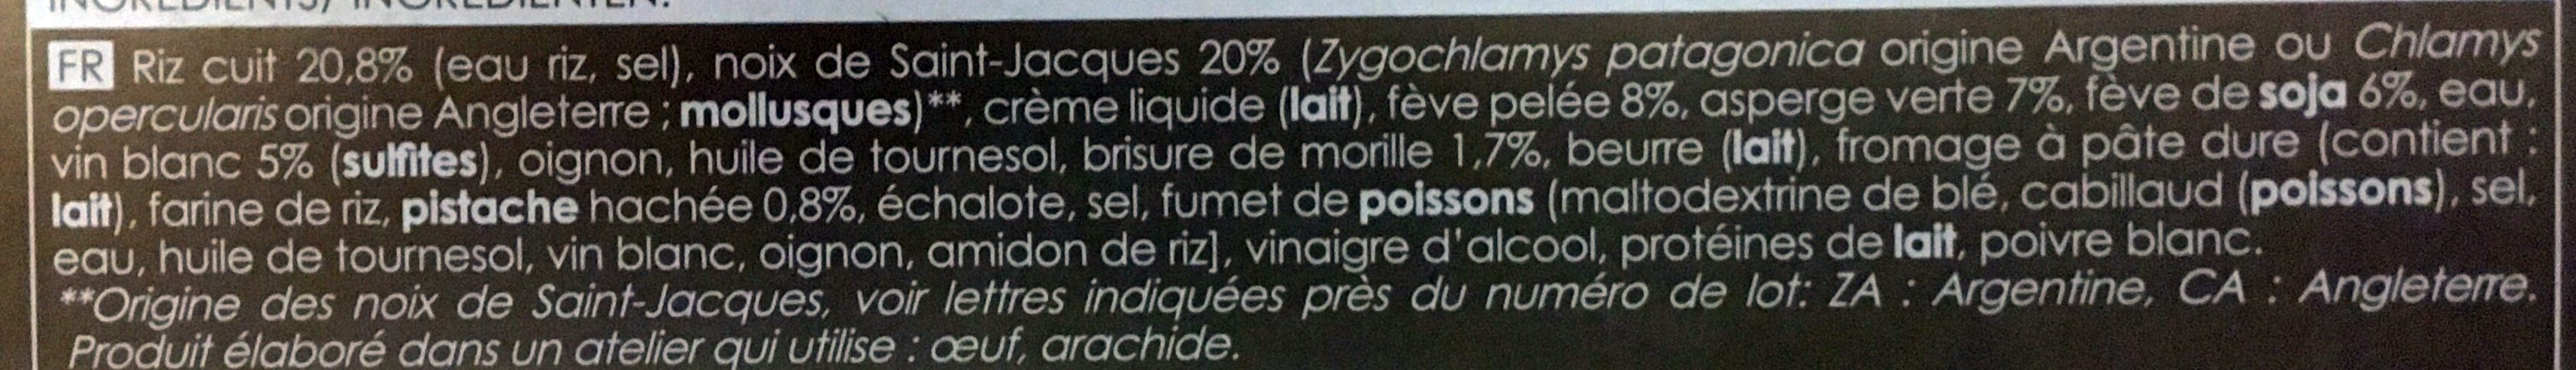 Saint-Jacques risotto aux morilles, poêlée de fèves et asperges - Ingrédients - fr